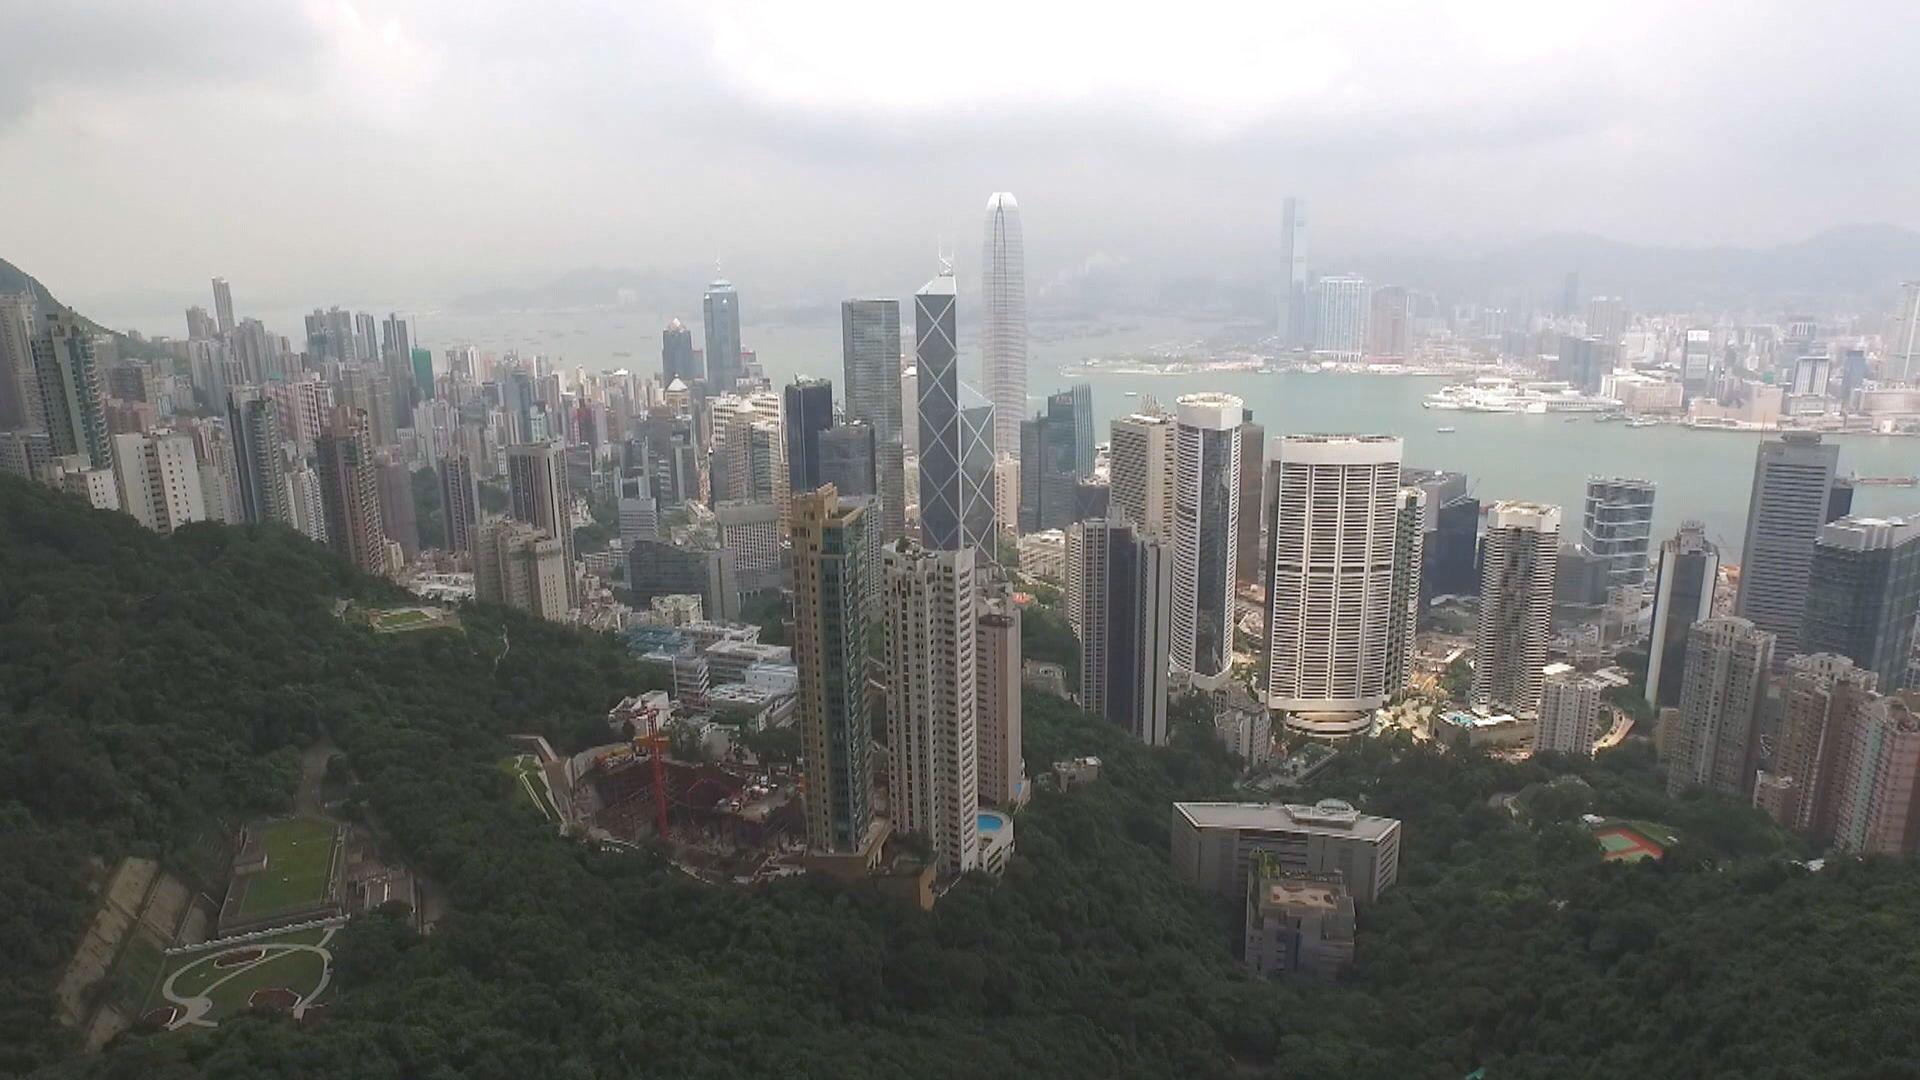 【即日焦點】惠譽24年來首次降港主權評級 林鄭:過去幾個月的事無削弱一國兩制;德報建議柏林初生大熊貓改名「香港」